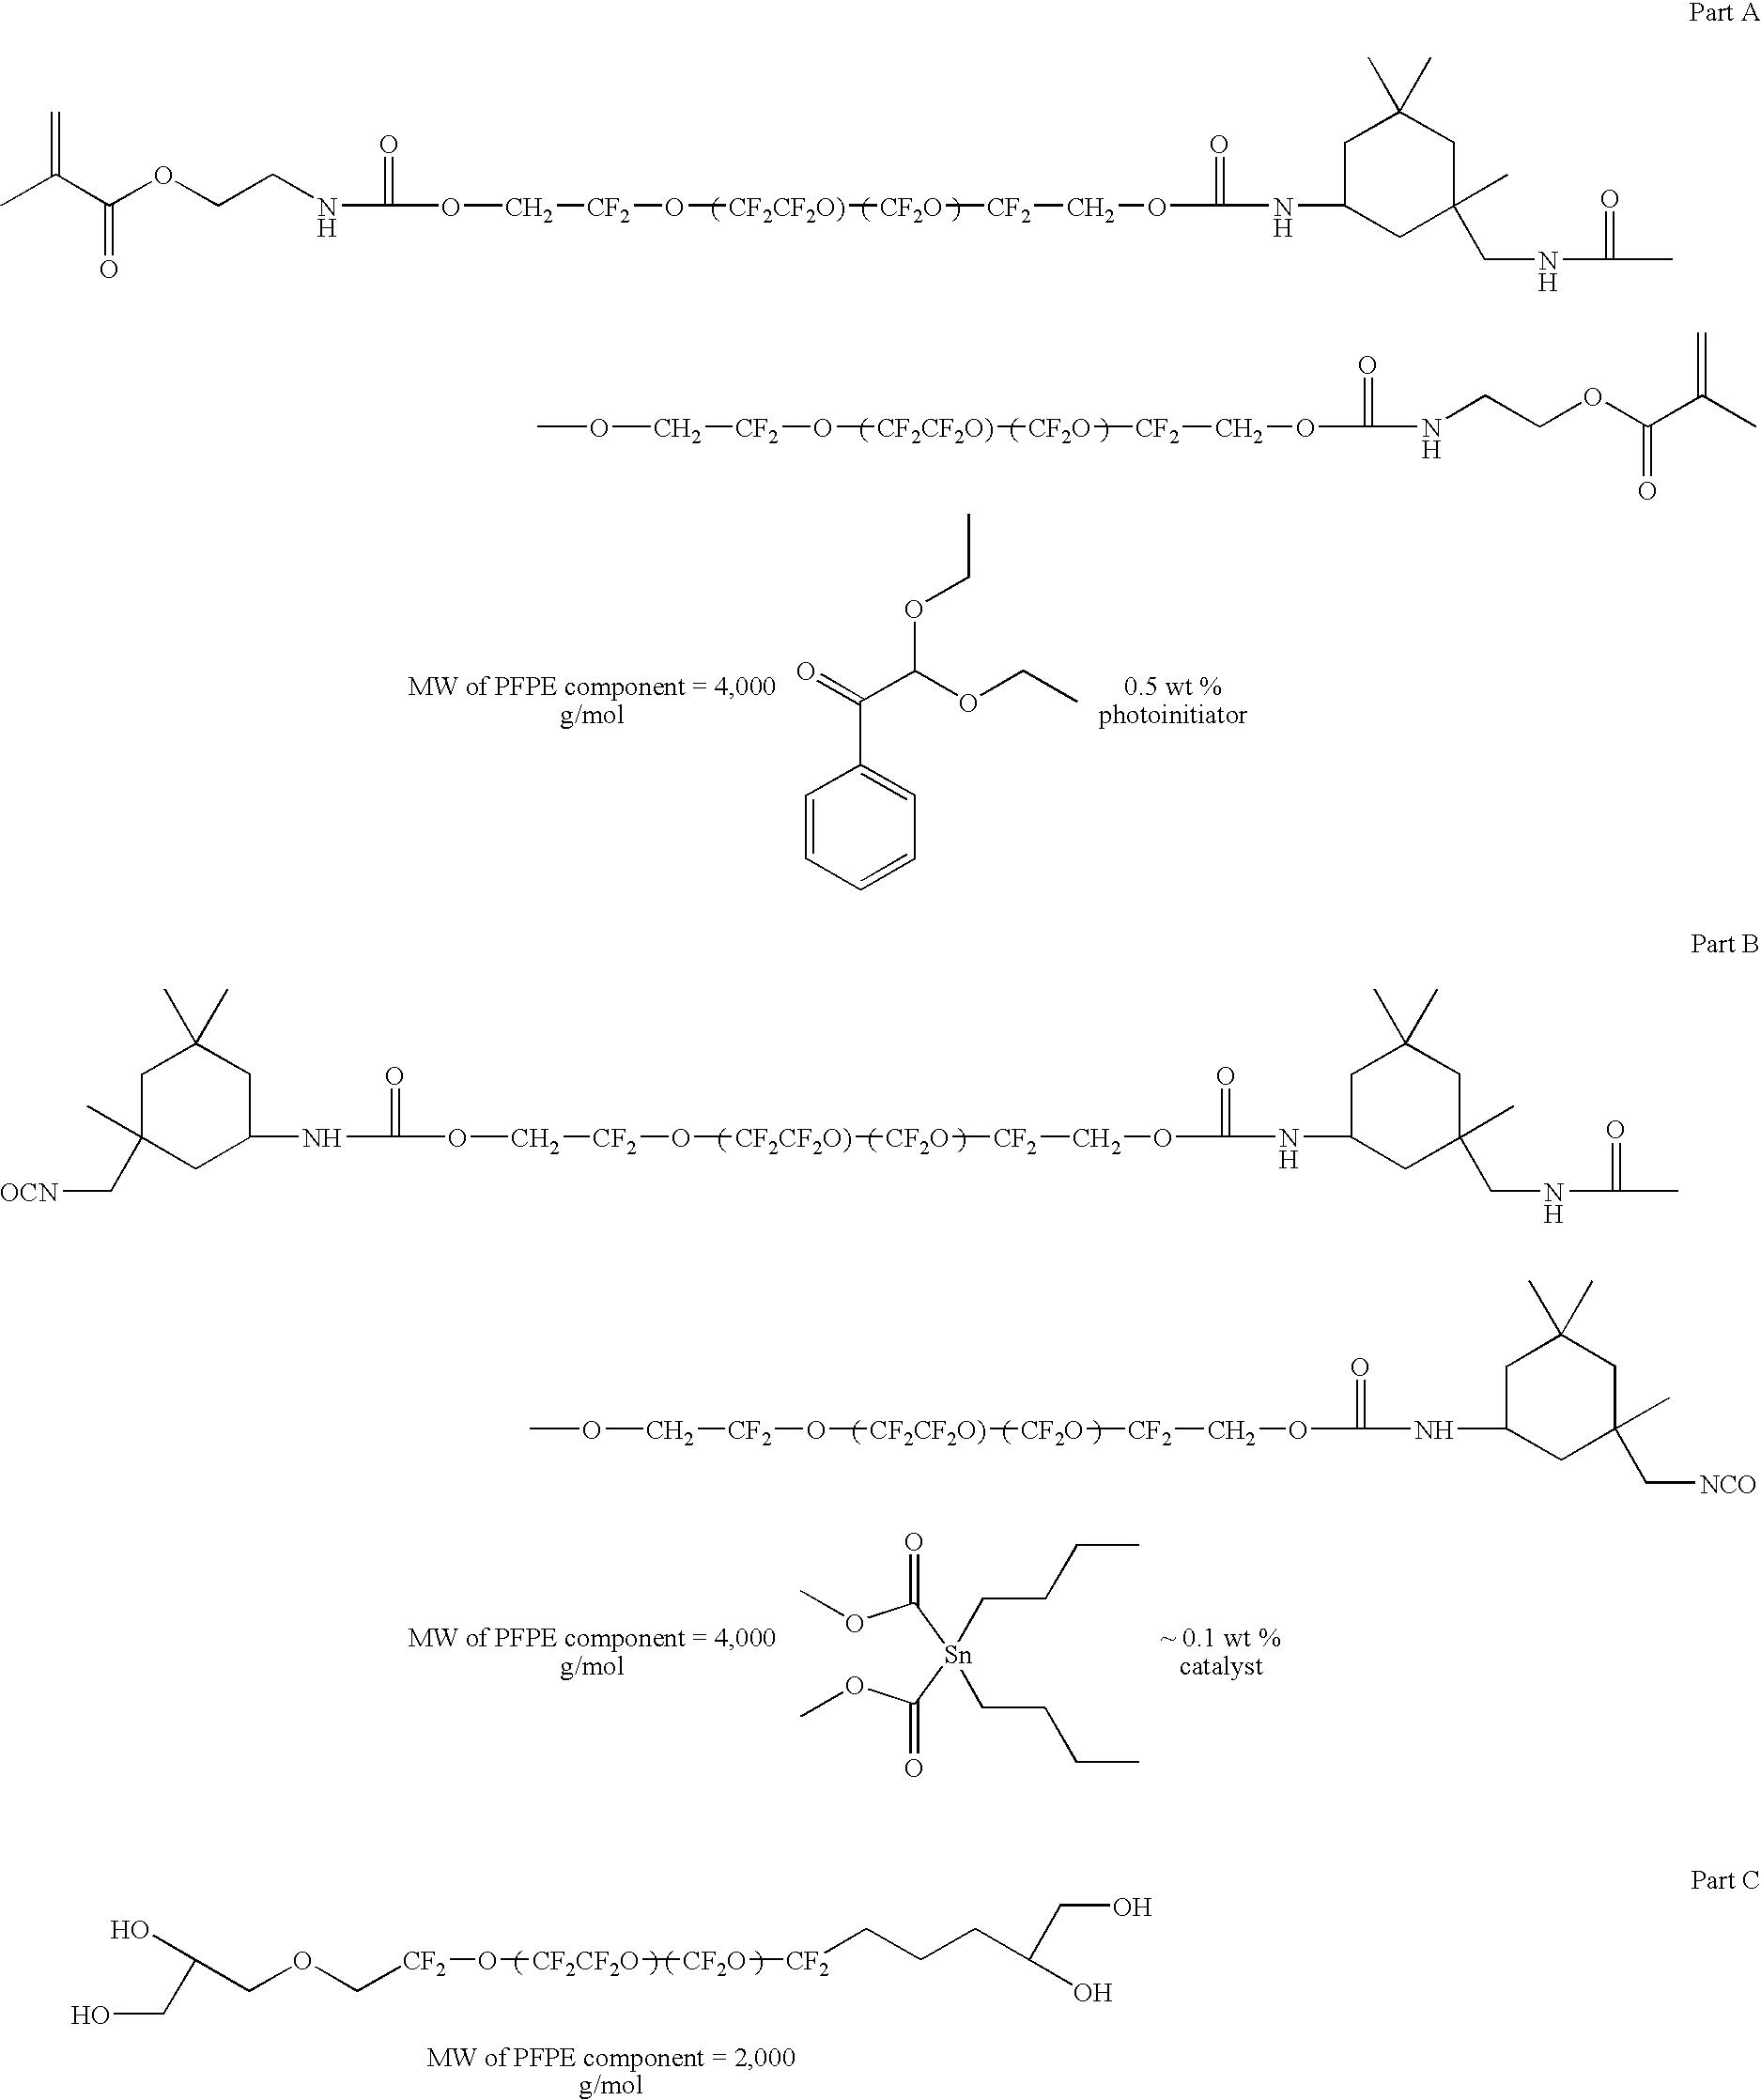 Figure US20090027603A1-20090129-C00012